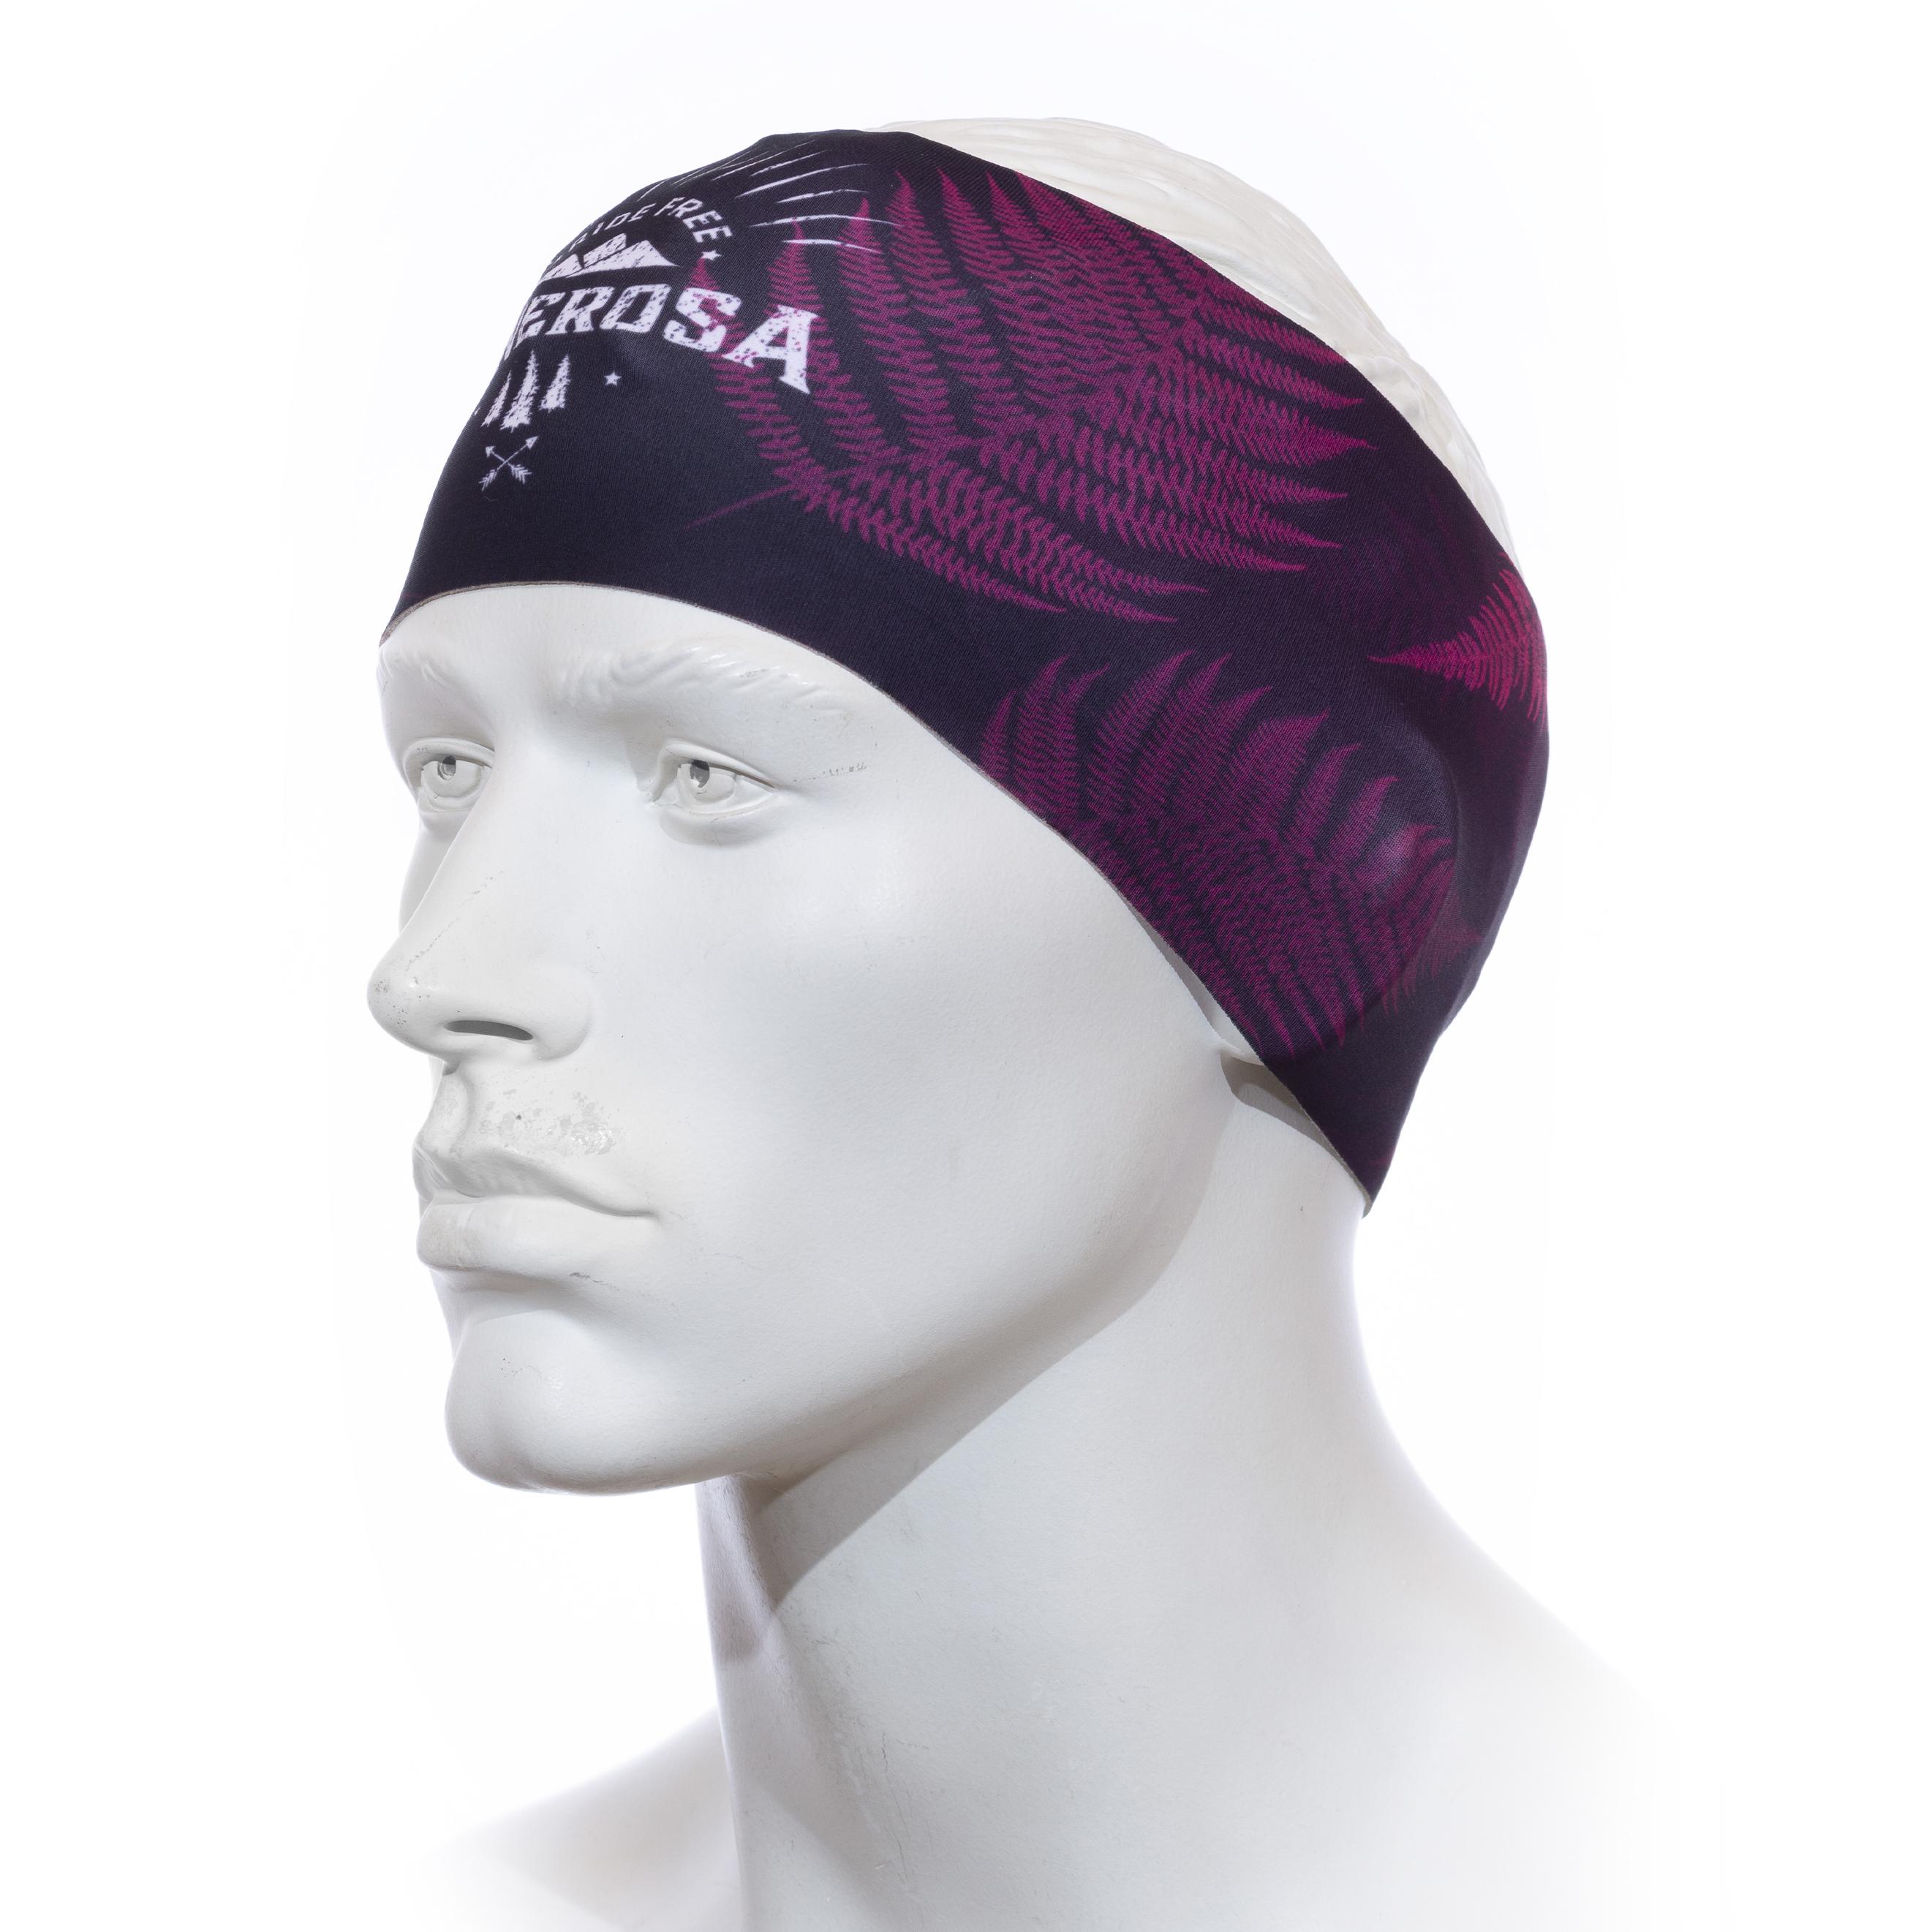 Stirnband Langläufer RRT991U / RRideFree Leafdesign Pink